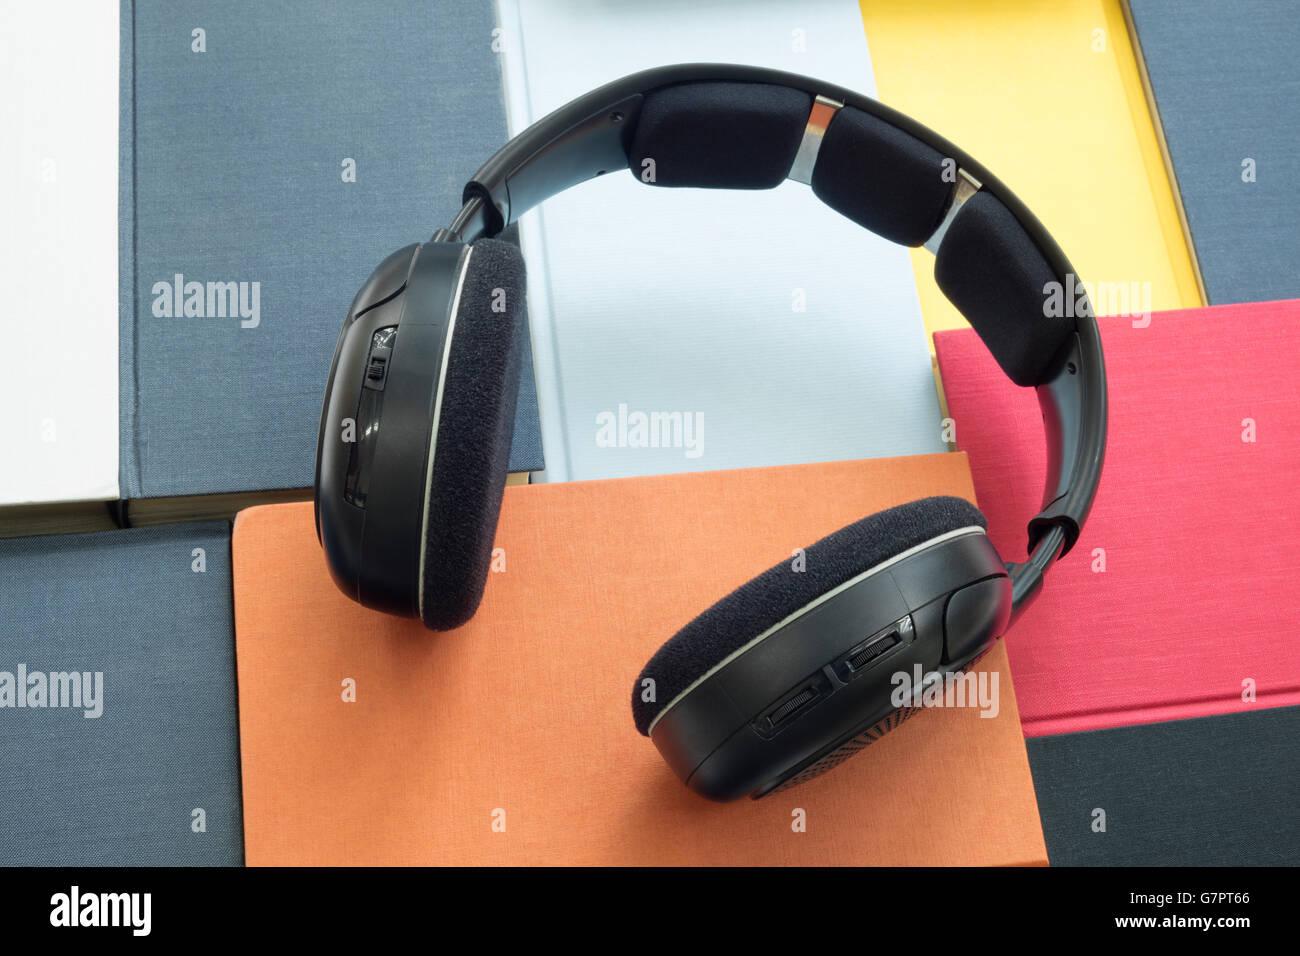 Grupo de coloridos auriculares y libros relacionados con audiolibros, e-books y escuchar conversaciones digitalmente Foto de stock